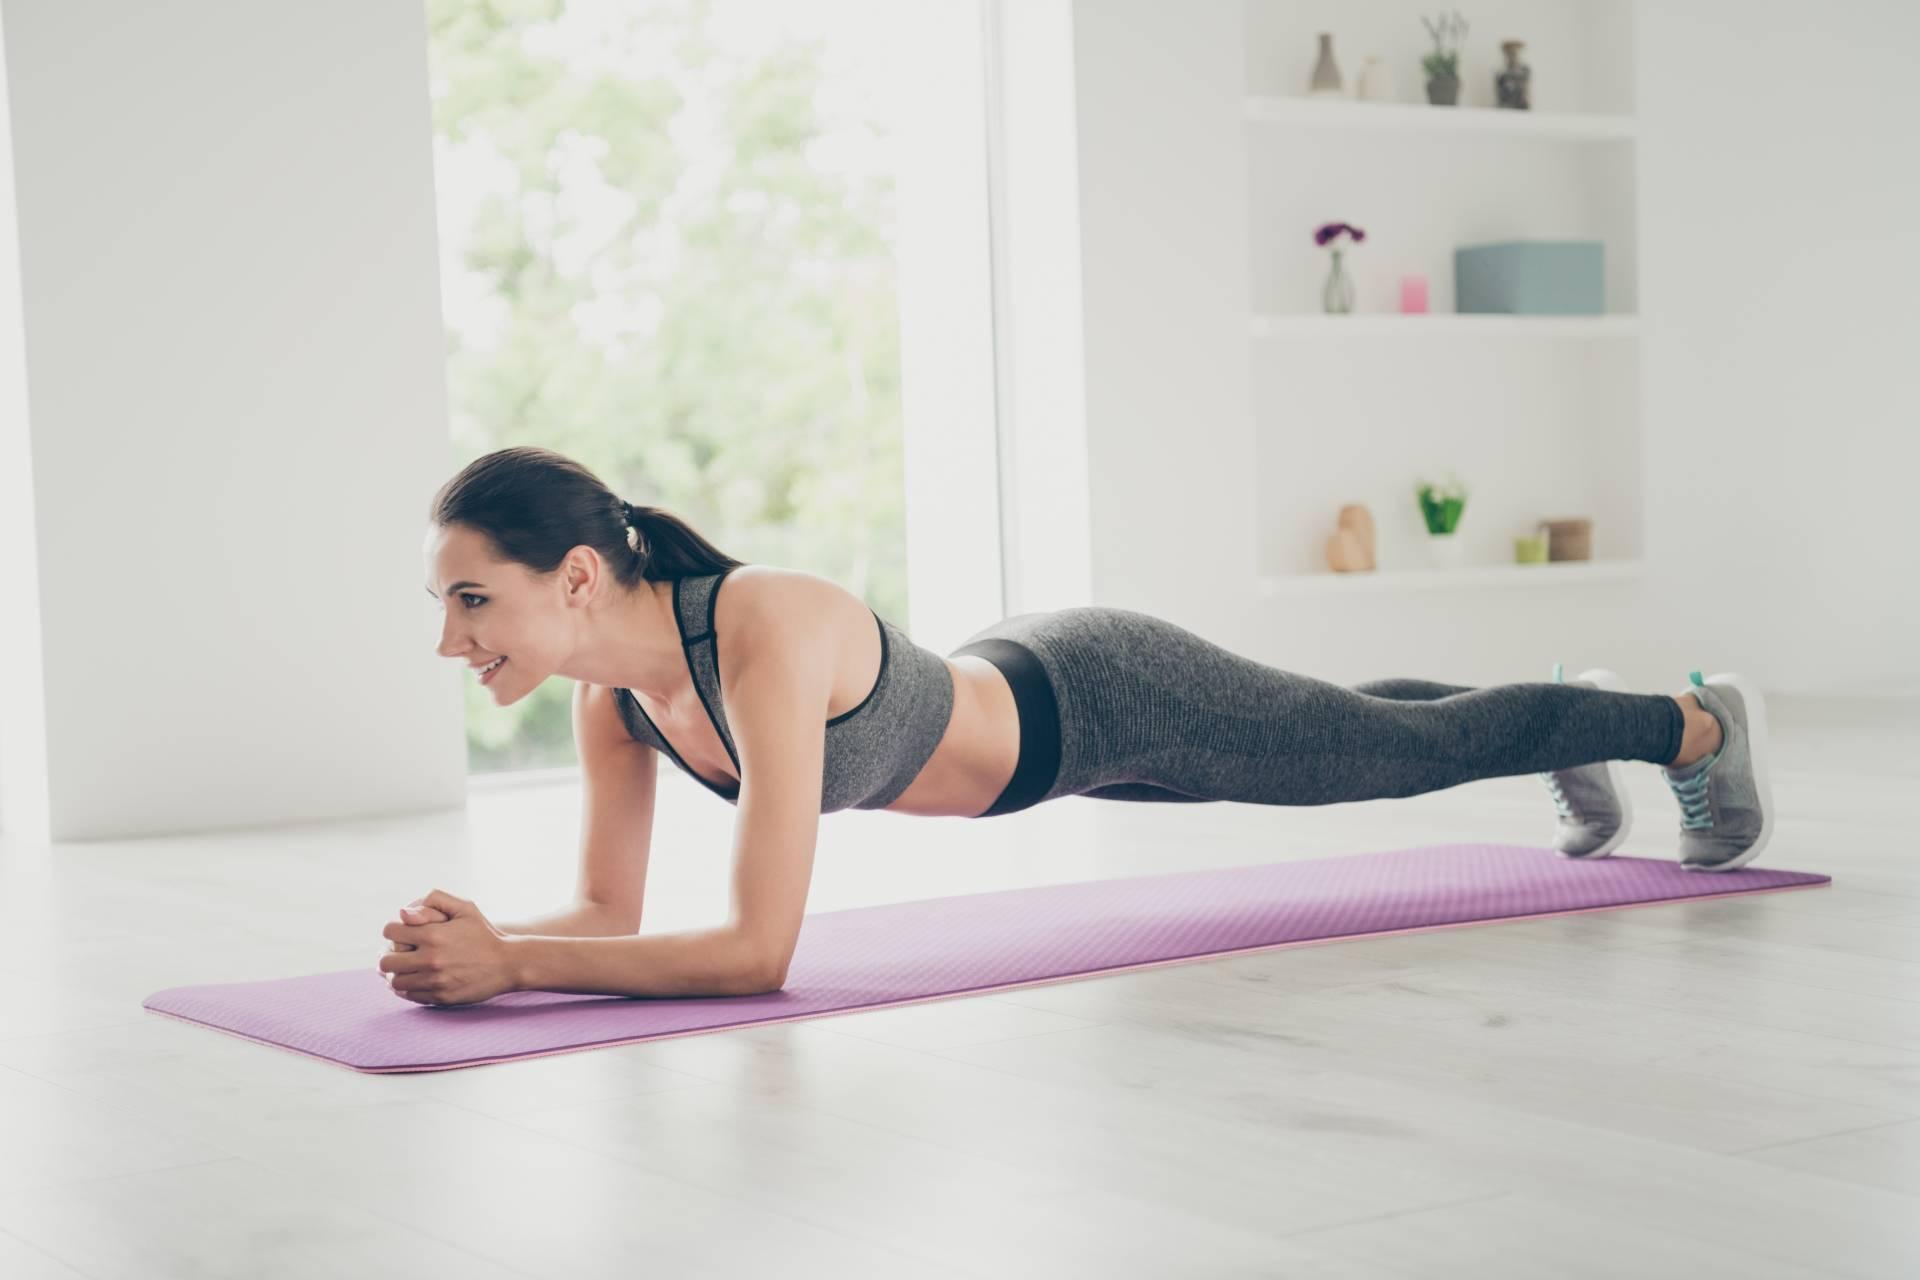 Ćwiczenia na kręgosłup i brzuch - jak wzmocnić mięśnie?